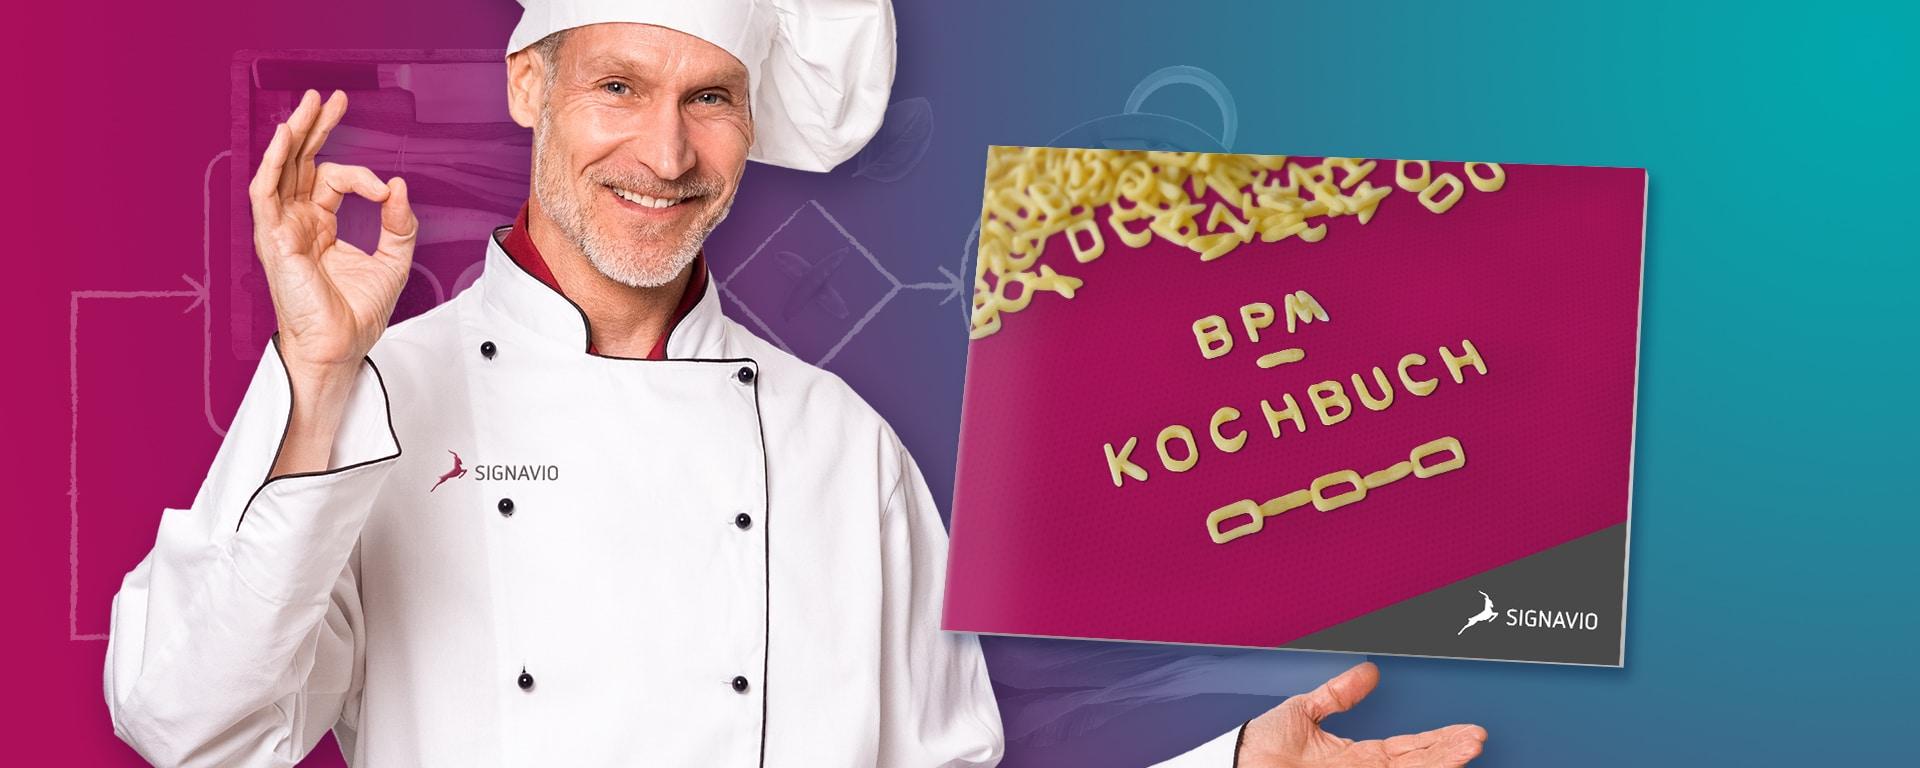 Signavio Cookbook Cover